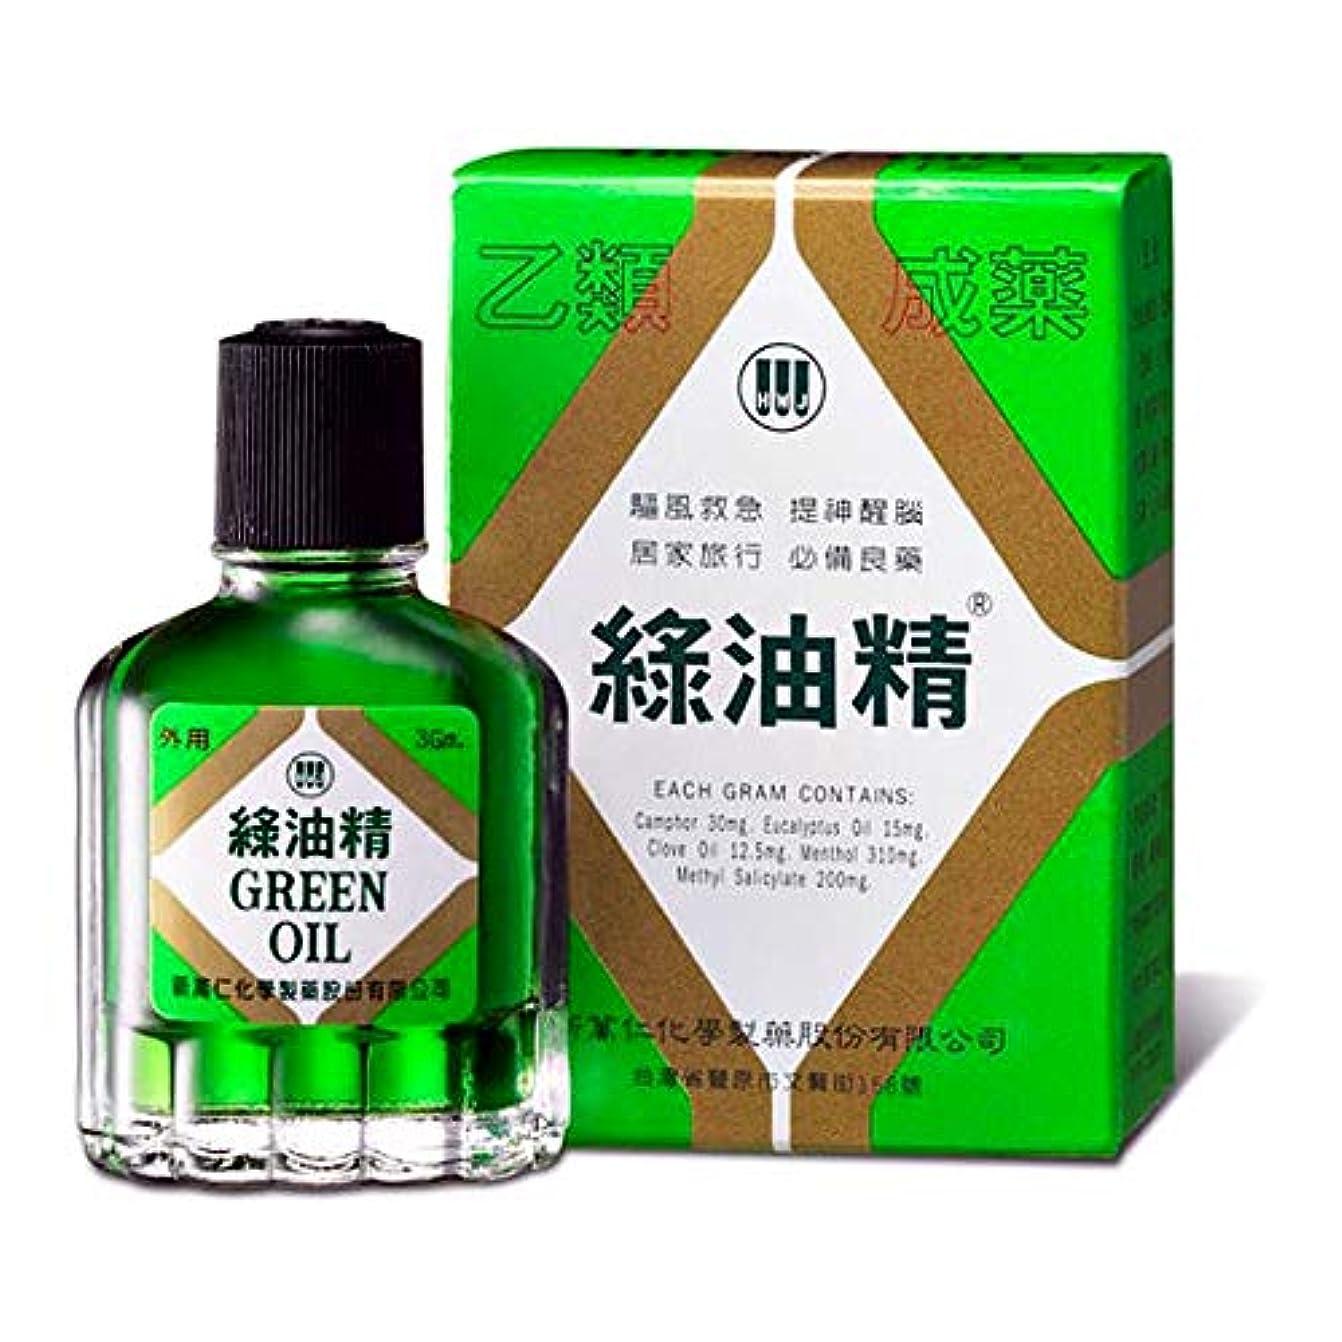 カテナカポック薬用《新萬仁》台湾の万能グリーンオイル 緑油精 3g 《台湾 お土産》 [並行輸入品]